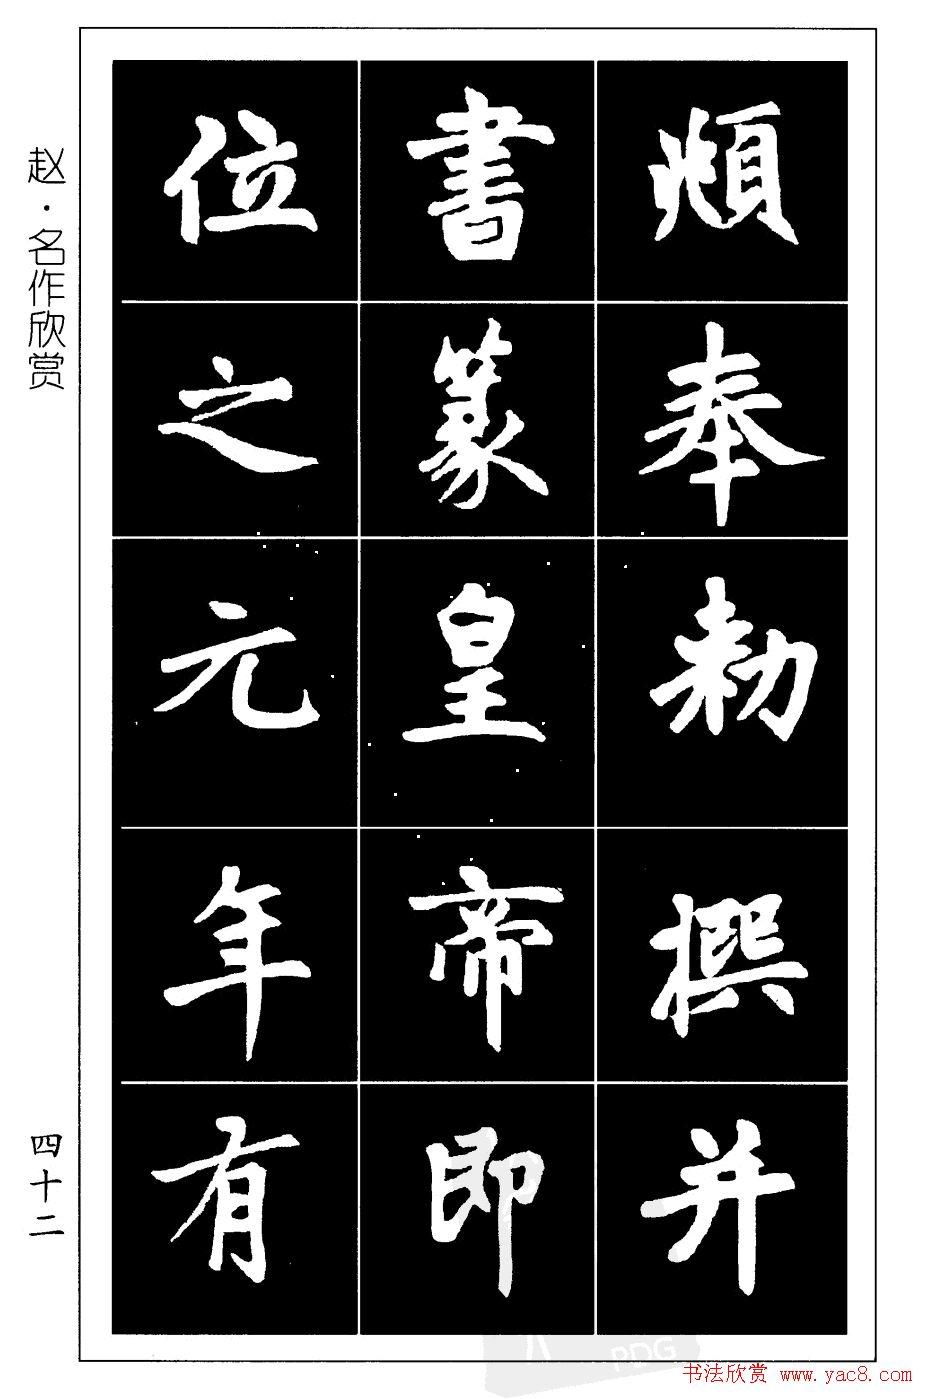 赵孟頫楷书习字帖放大图片44P 第42页 楷书字帖 书法欣赏